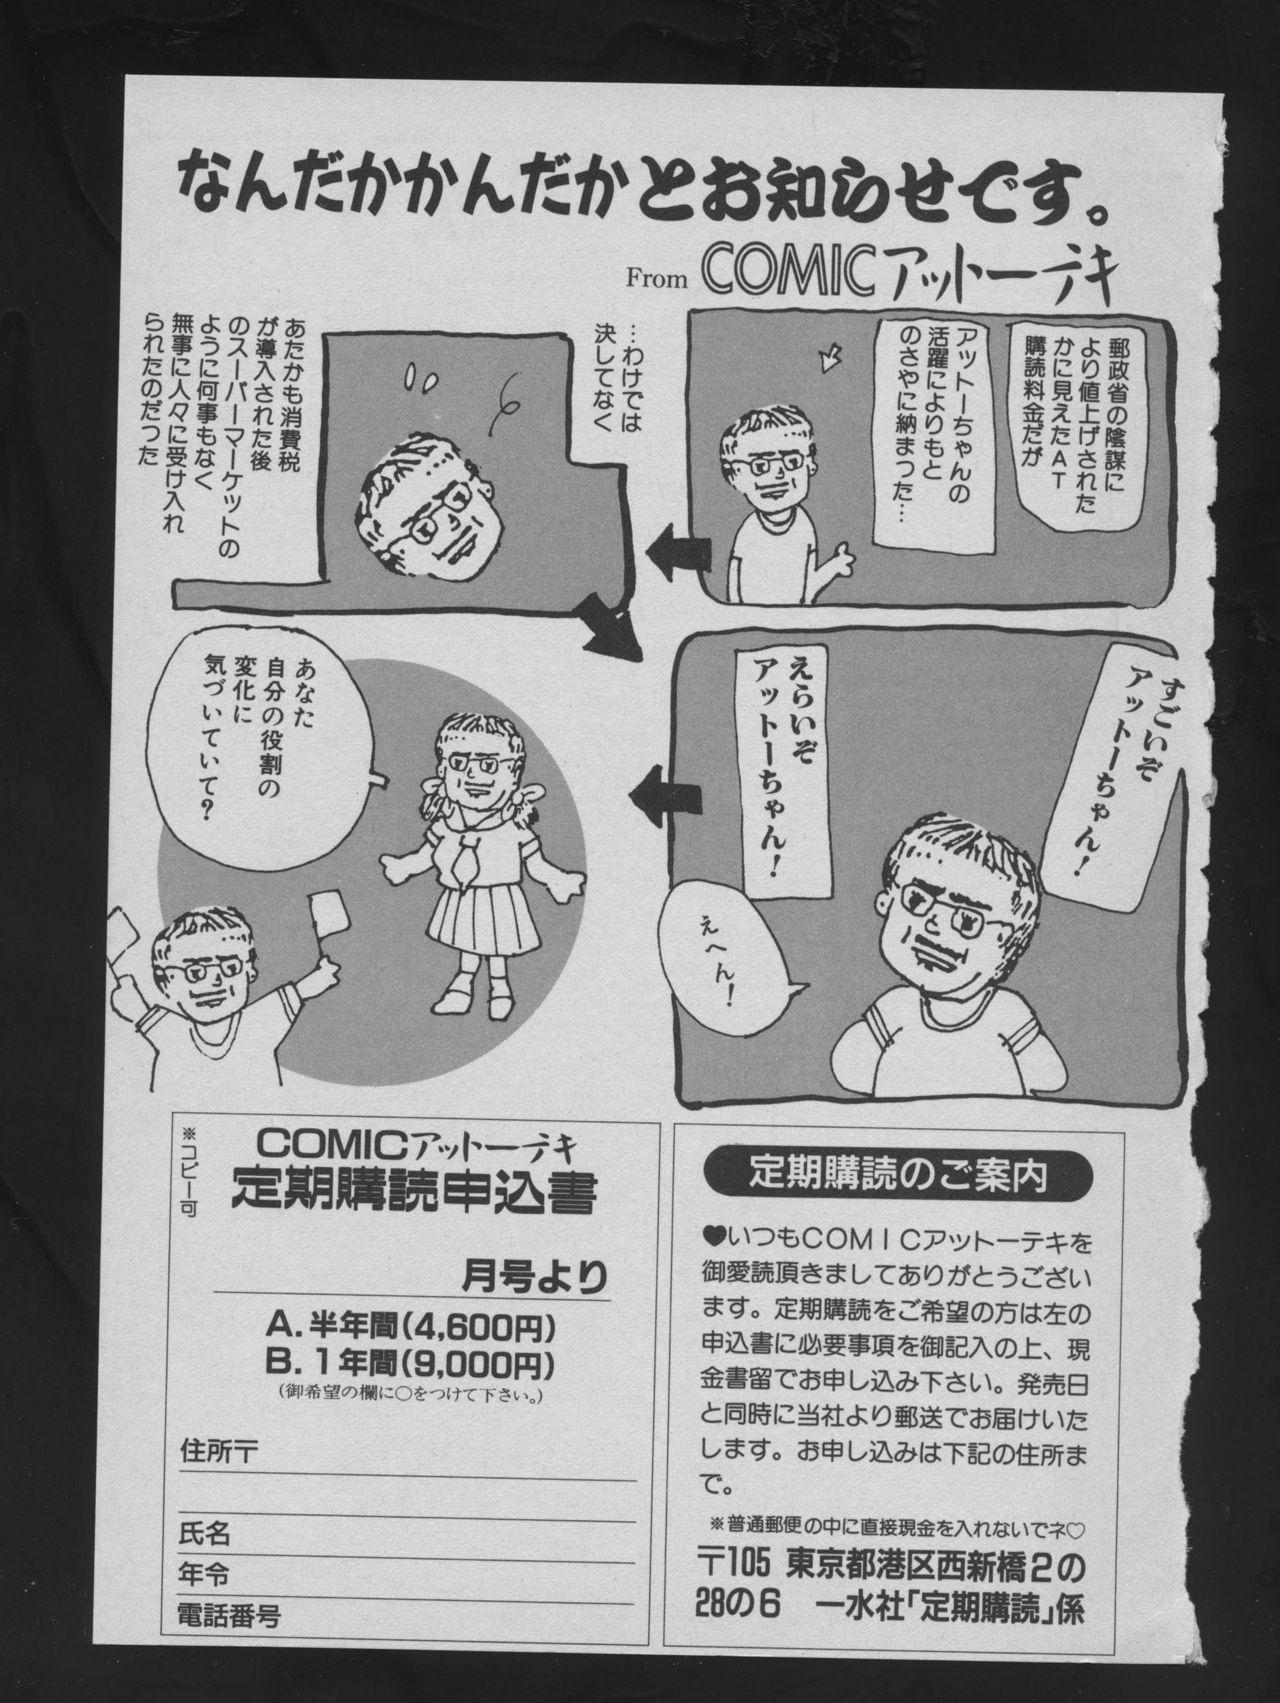 COMIC ATTOTEKI 1993-12 190